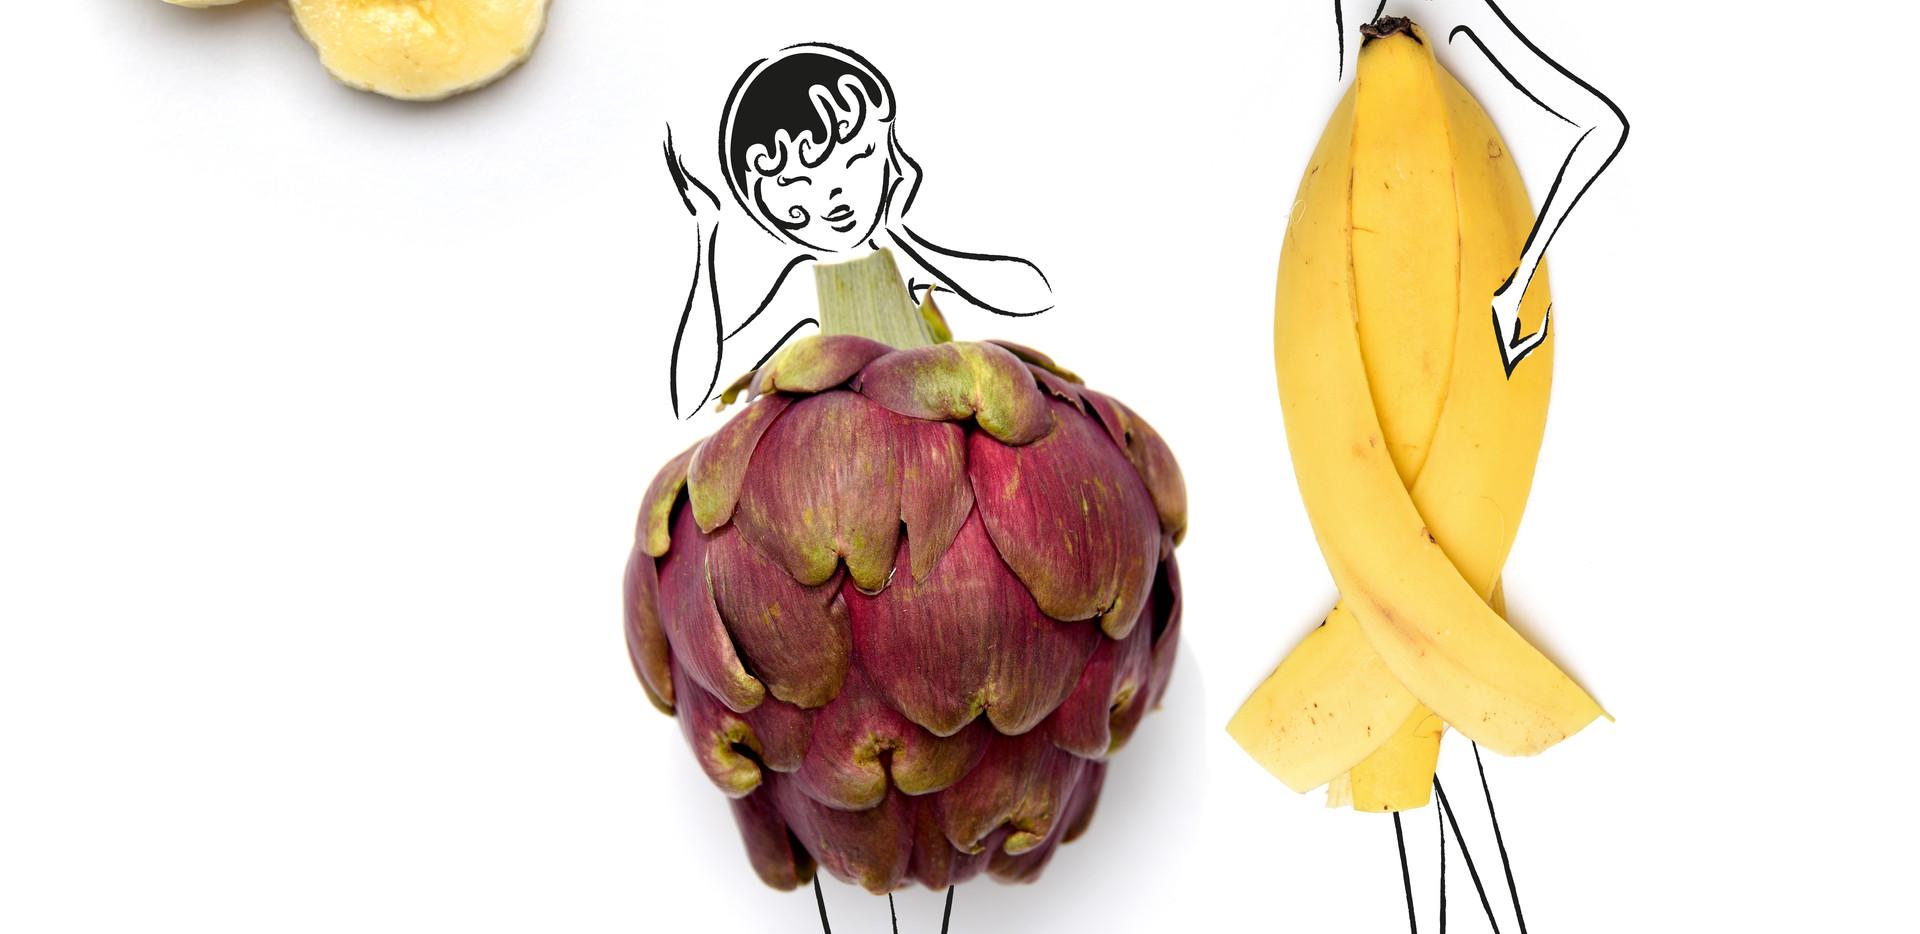 Artichoke Banana Sisters